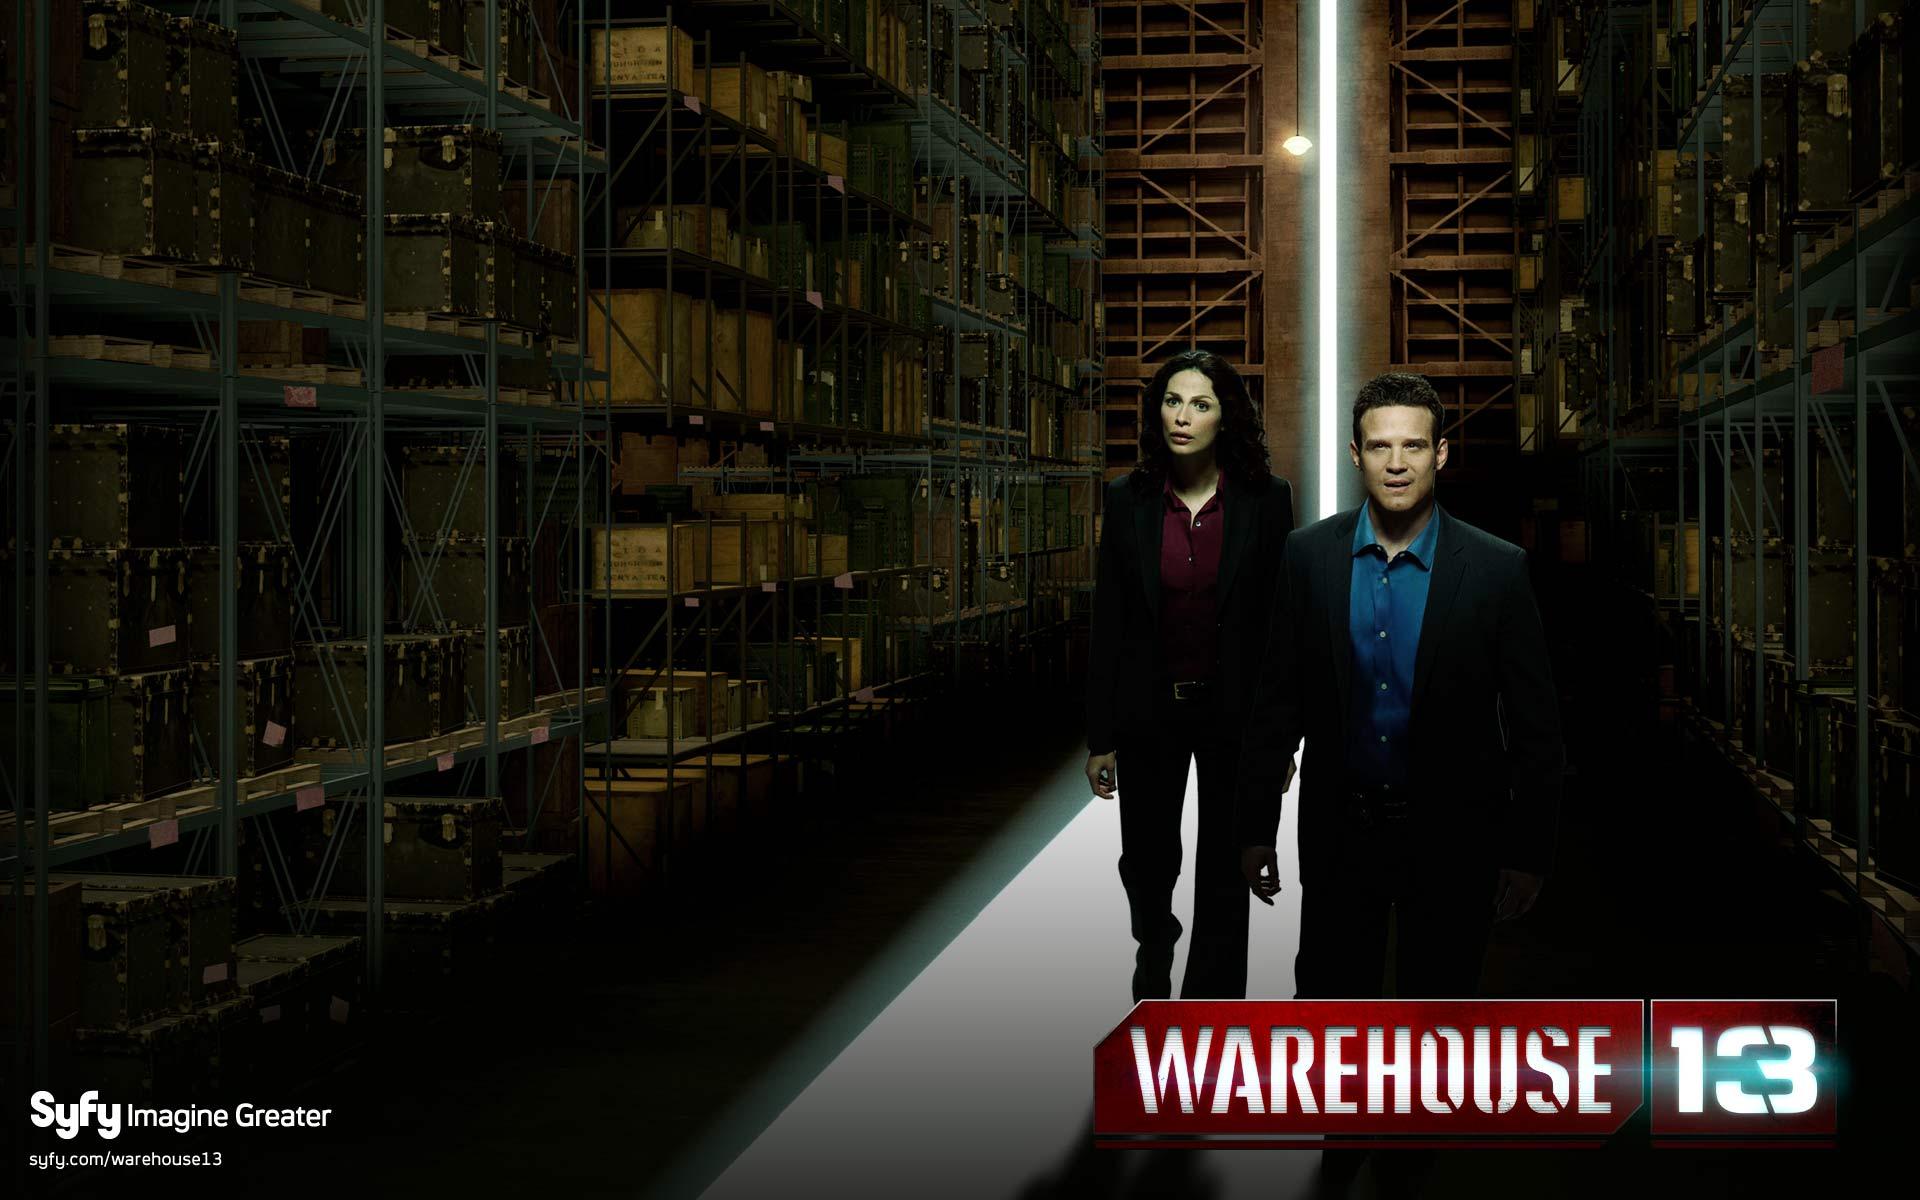 Warehouse 13 Season 3